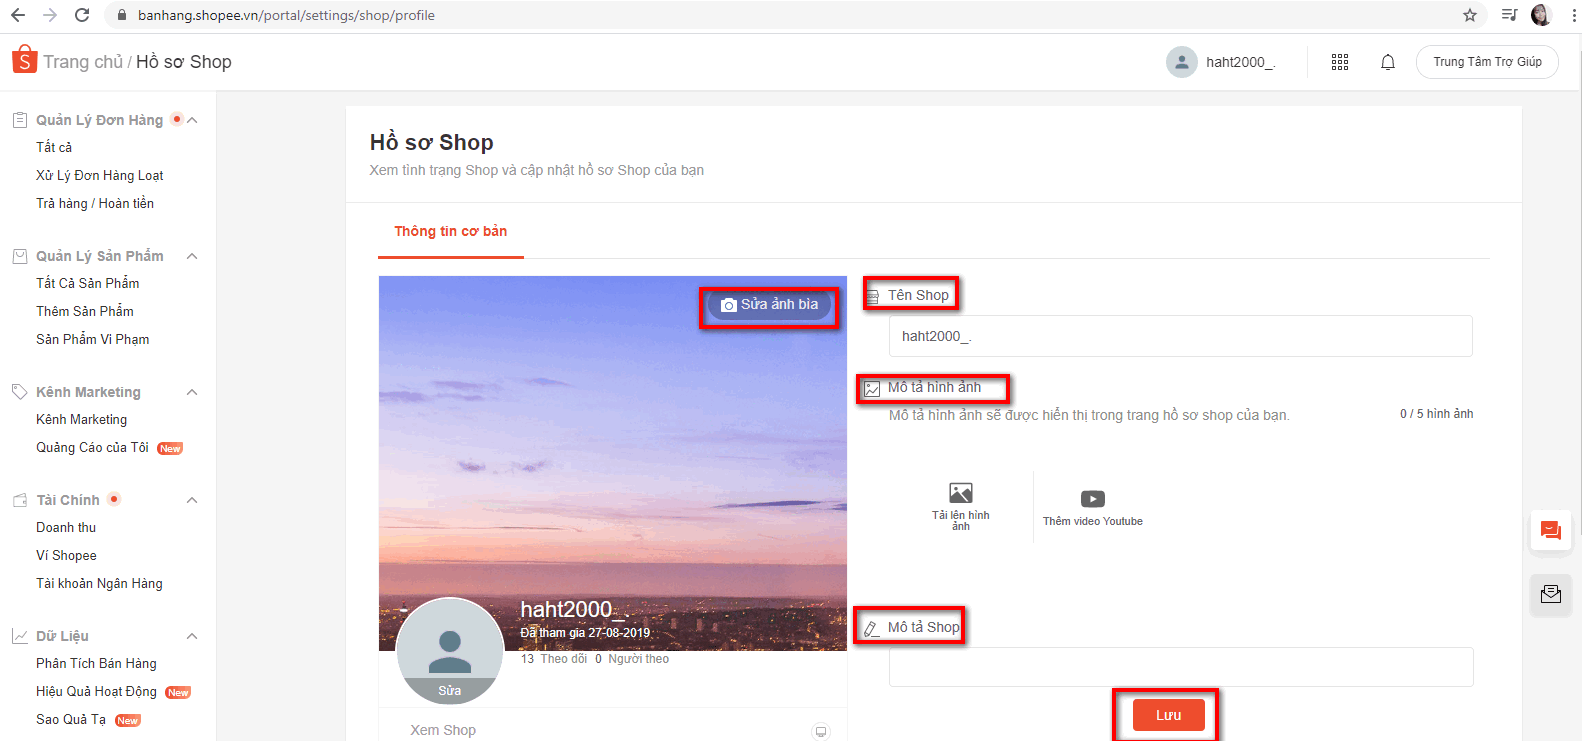 bat dau ban hang tren shopee 1 Các bước bắt đầu bán hàng trên Shopee 2020 hiệu quả nhất!